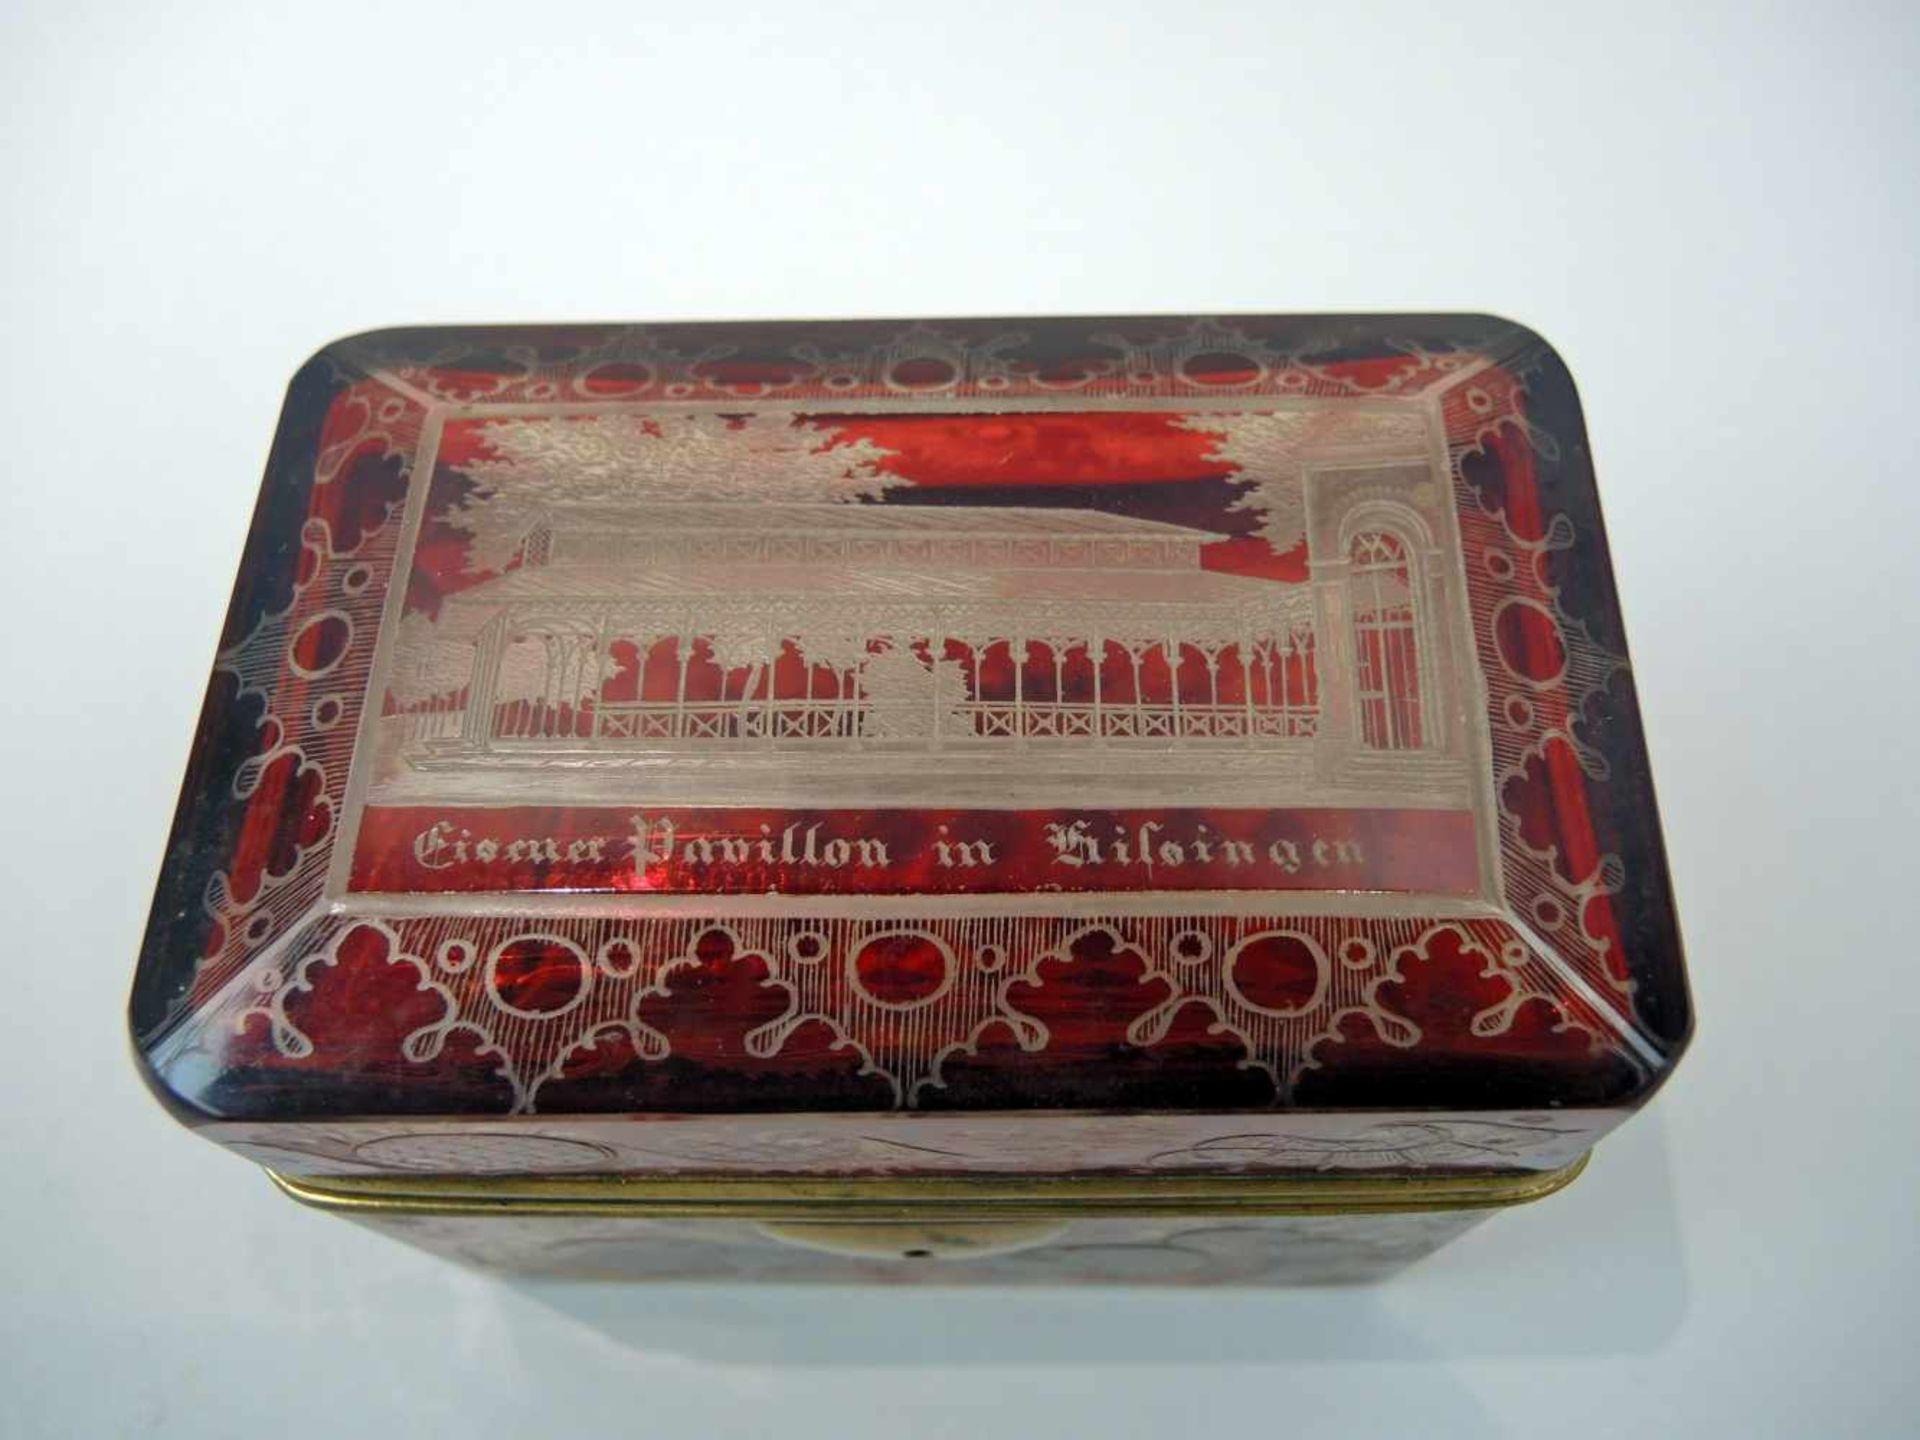 Biedermeier-ZuckerdoseRubinglas. Deckeldose mit geschliffenem Voluten- und Arabeskendekor, - Bild 2 aus 3